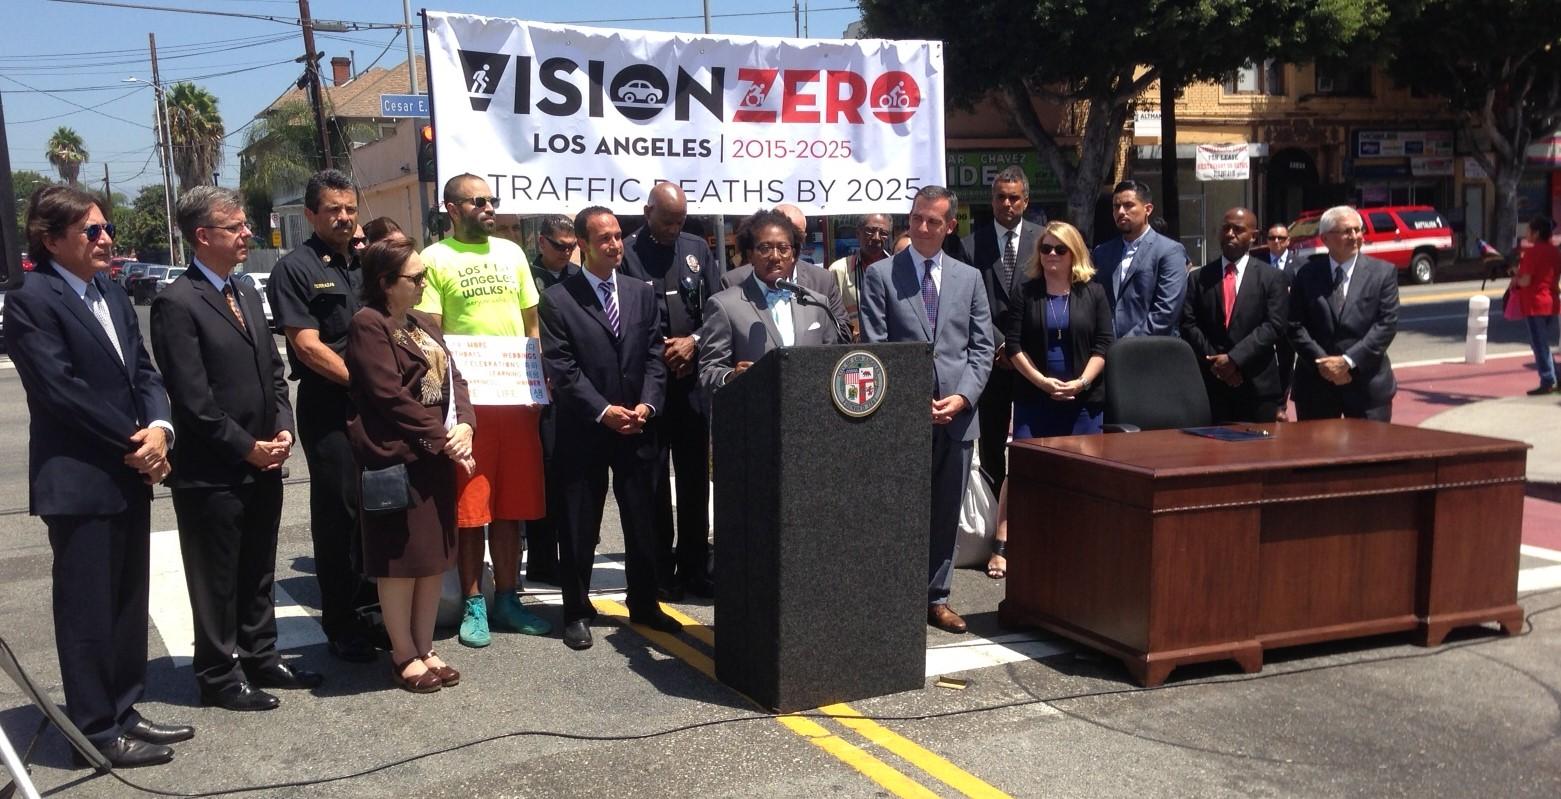 LA Vision Zero